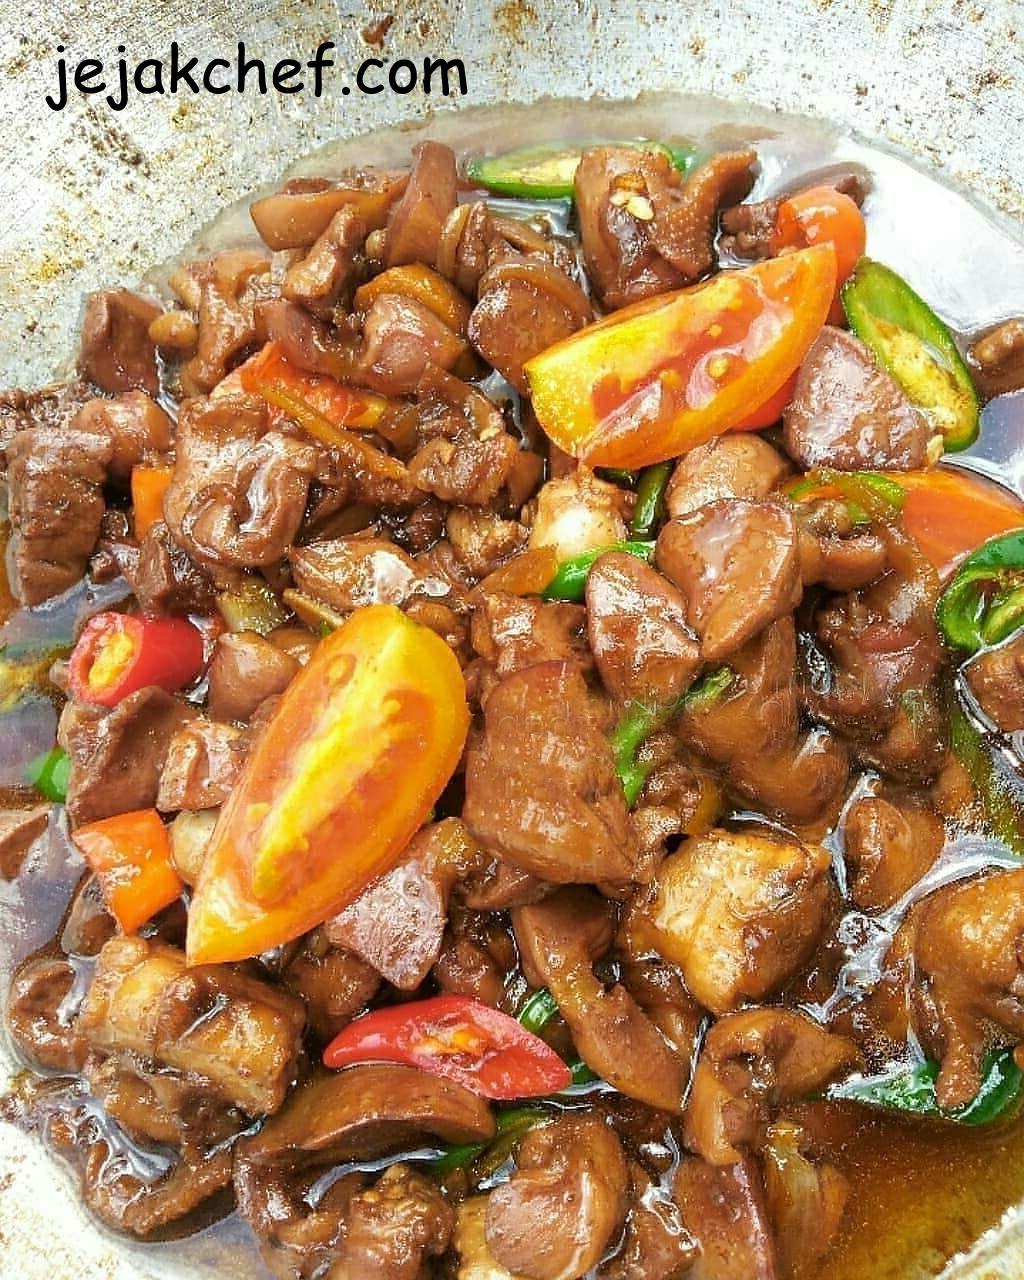 Masak Ati Ayam : masak, Resep, Masakan, SAMBAL, GORENG, AMPELA, Enak,, Lezat,, Mudah,, Sederhana, Kekinian